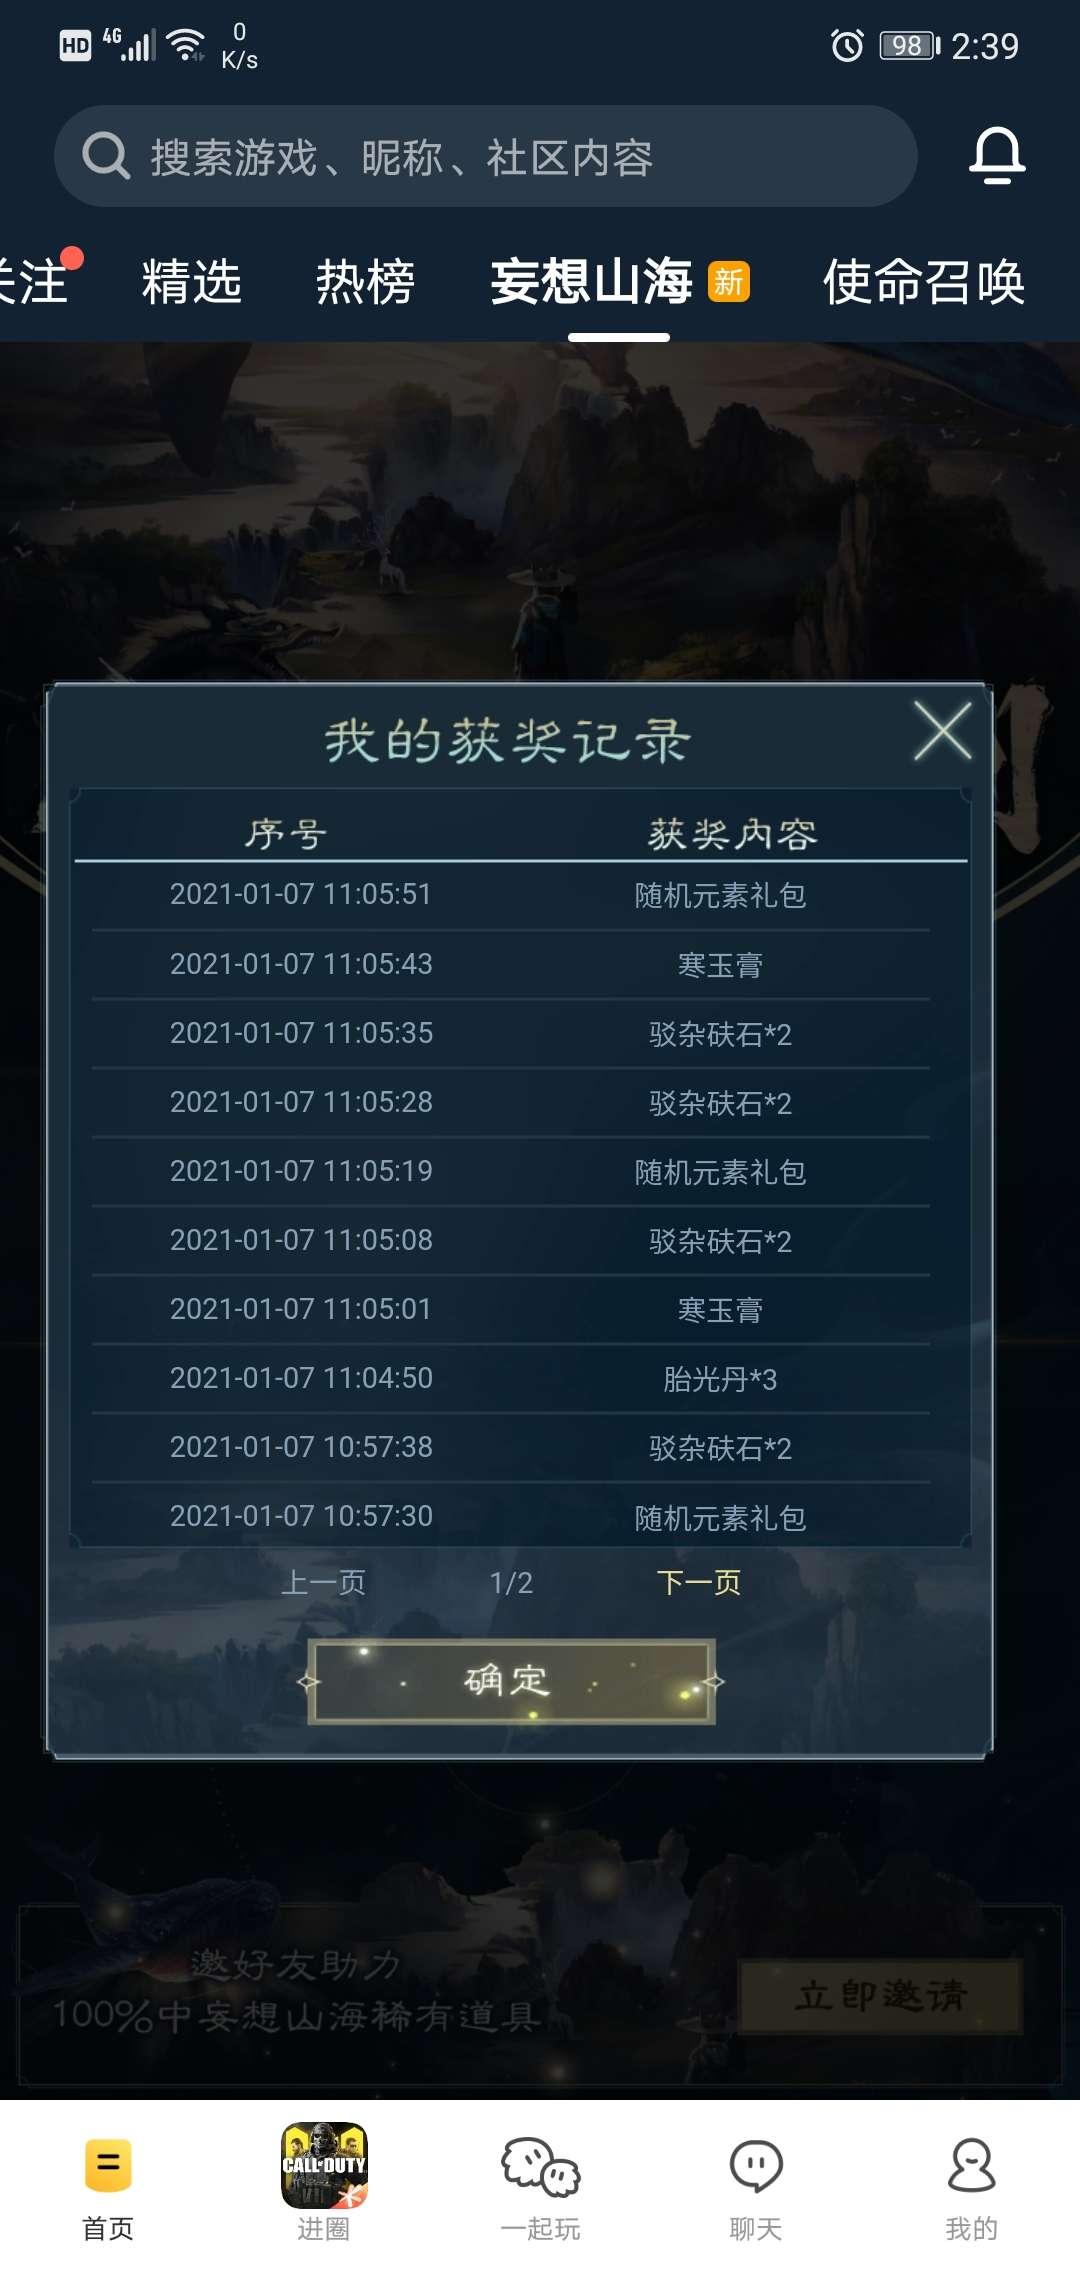 妄想山海腾讯游戏社区抽5-188q币插图1